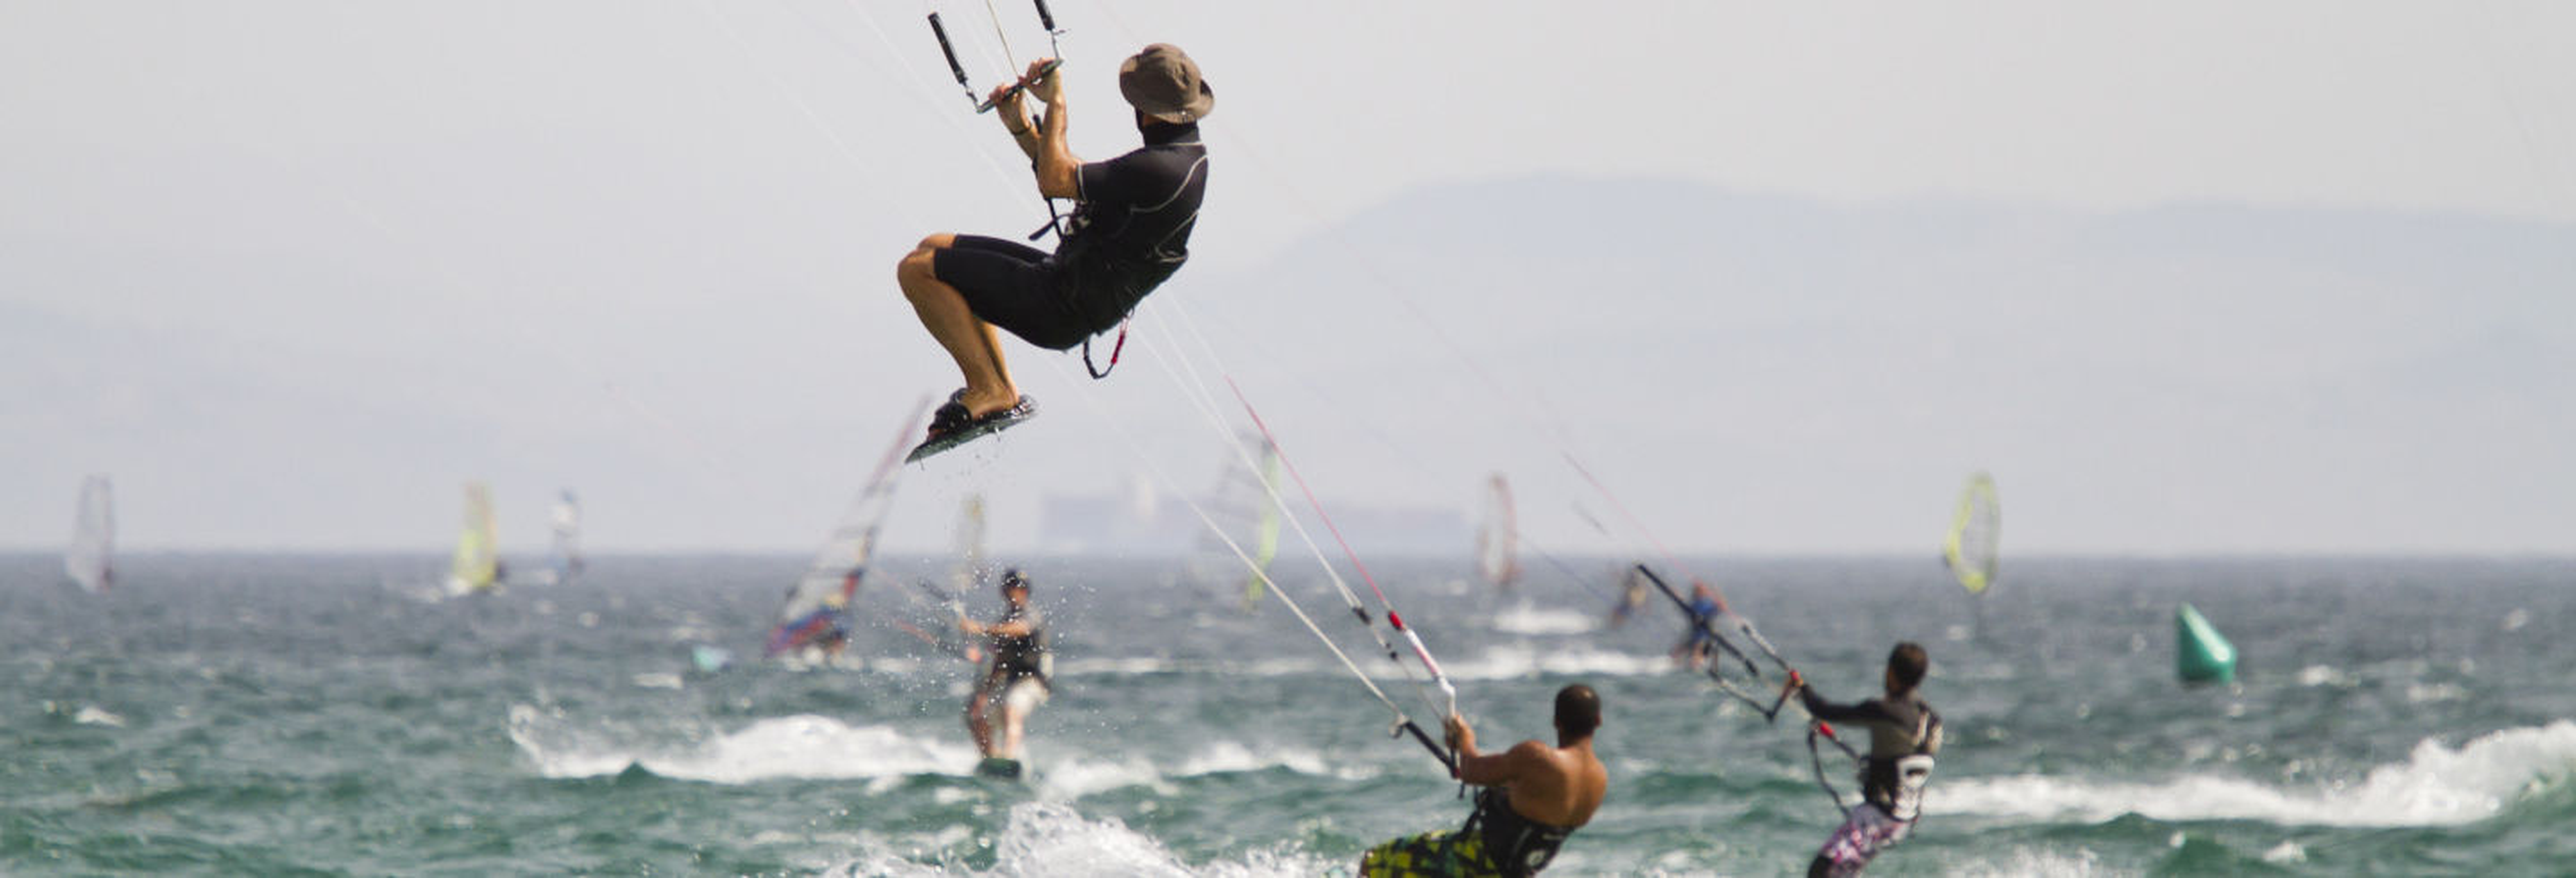 Curso de kitesurf de 2 días en Tarifa